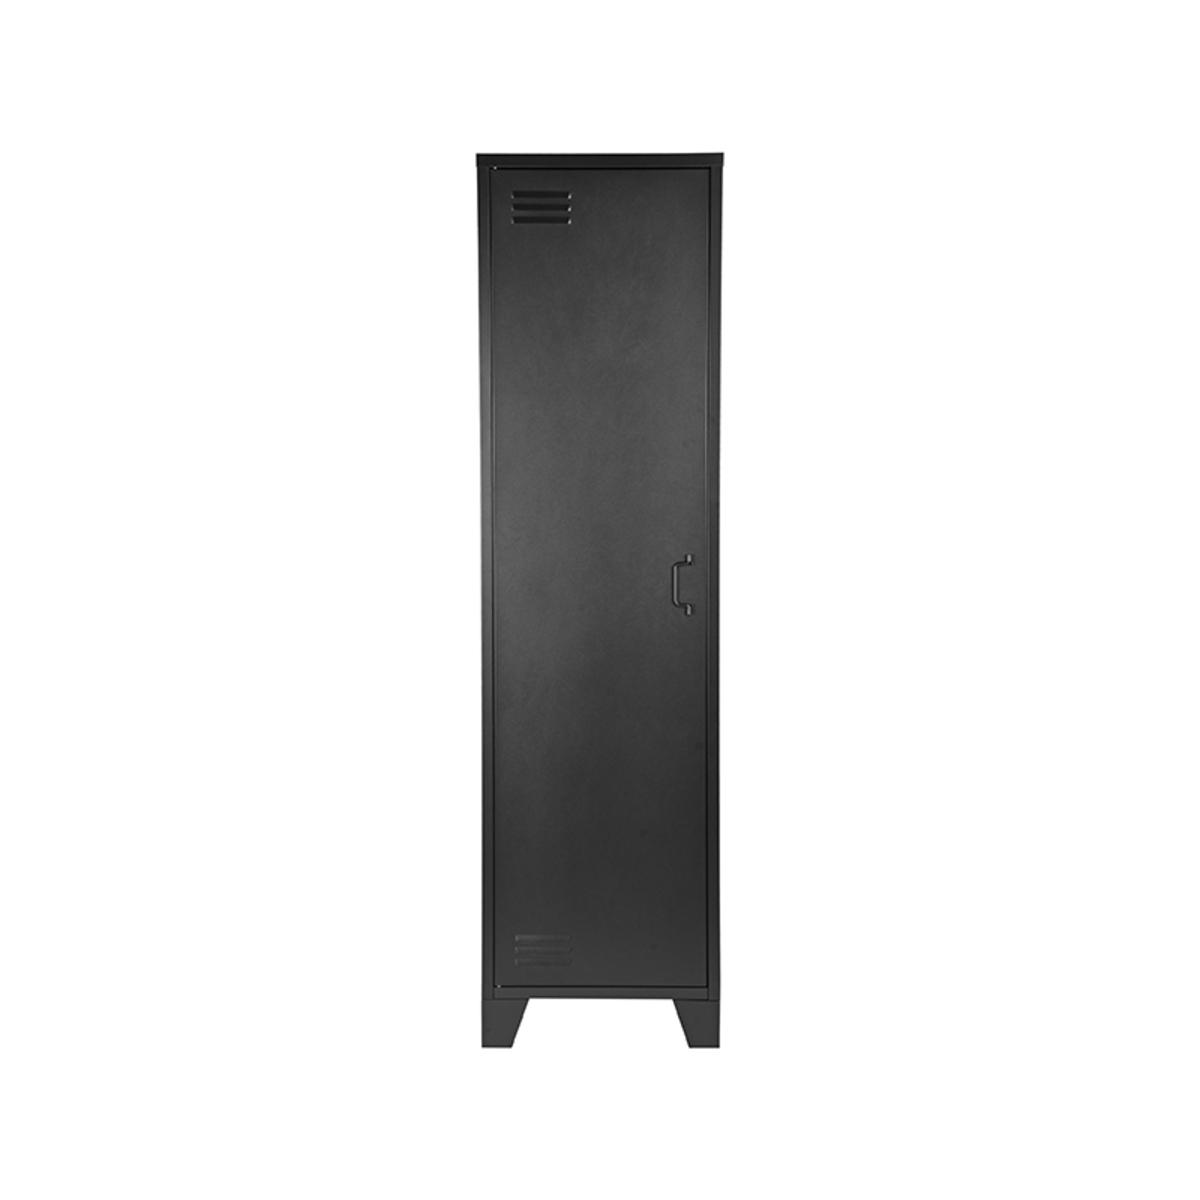 Bergkast Fence - Zwart - Metaal - 1 Deurs